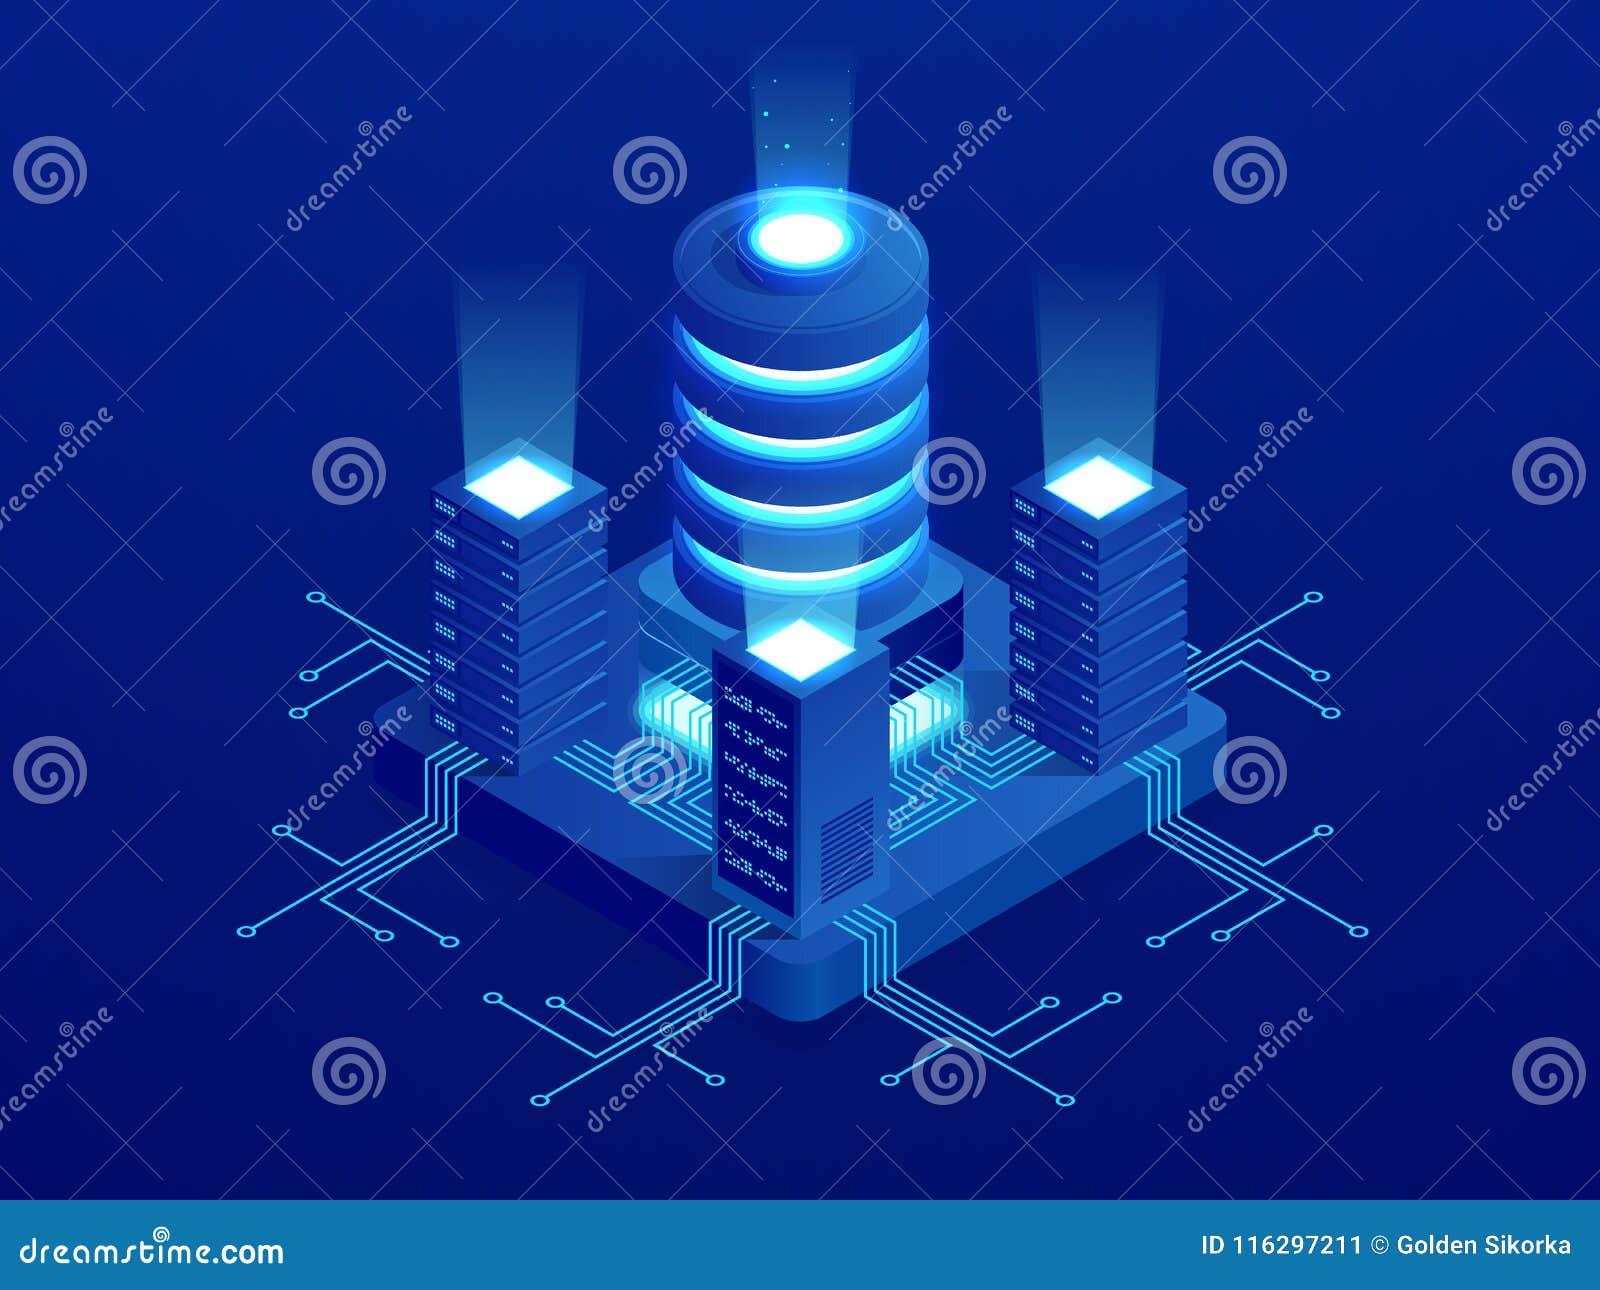 Isometrische Digitaltechniknetzfahne GROSSE DATEN Lernfähigkeit- einer Maschinealgorithmen Analyse und Informationen Großer Daten